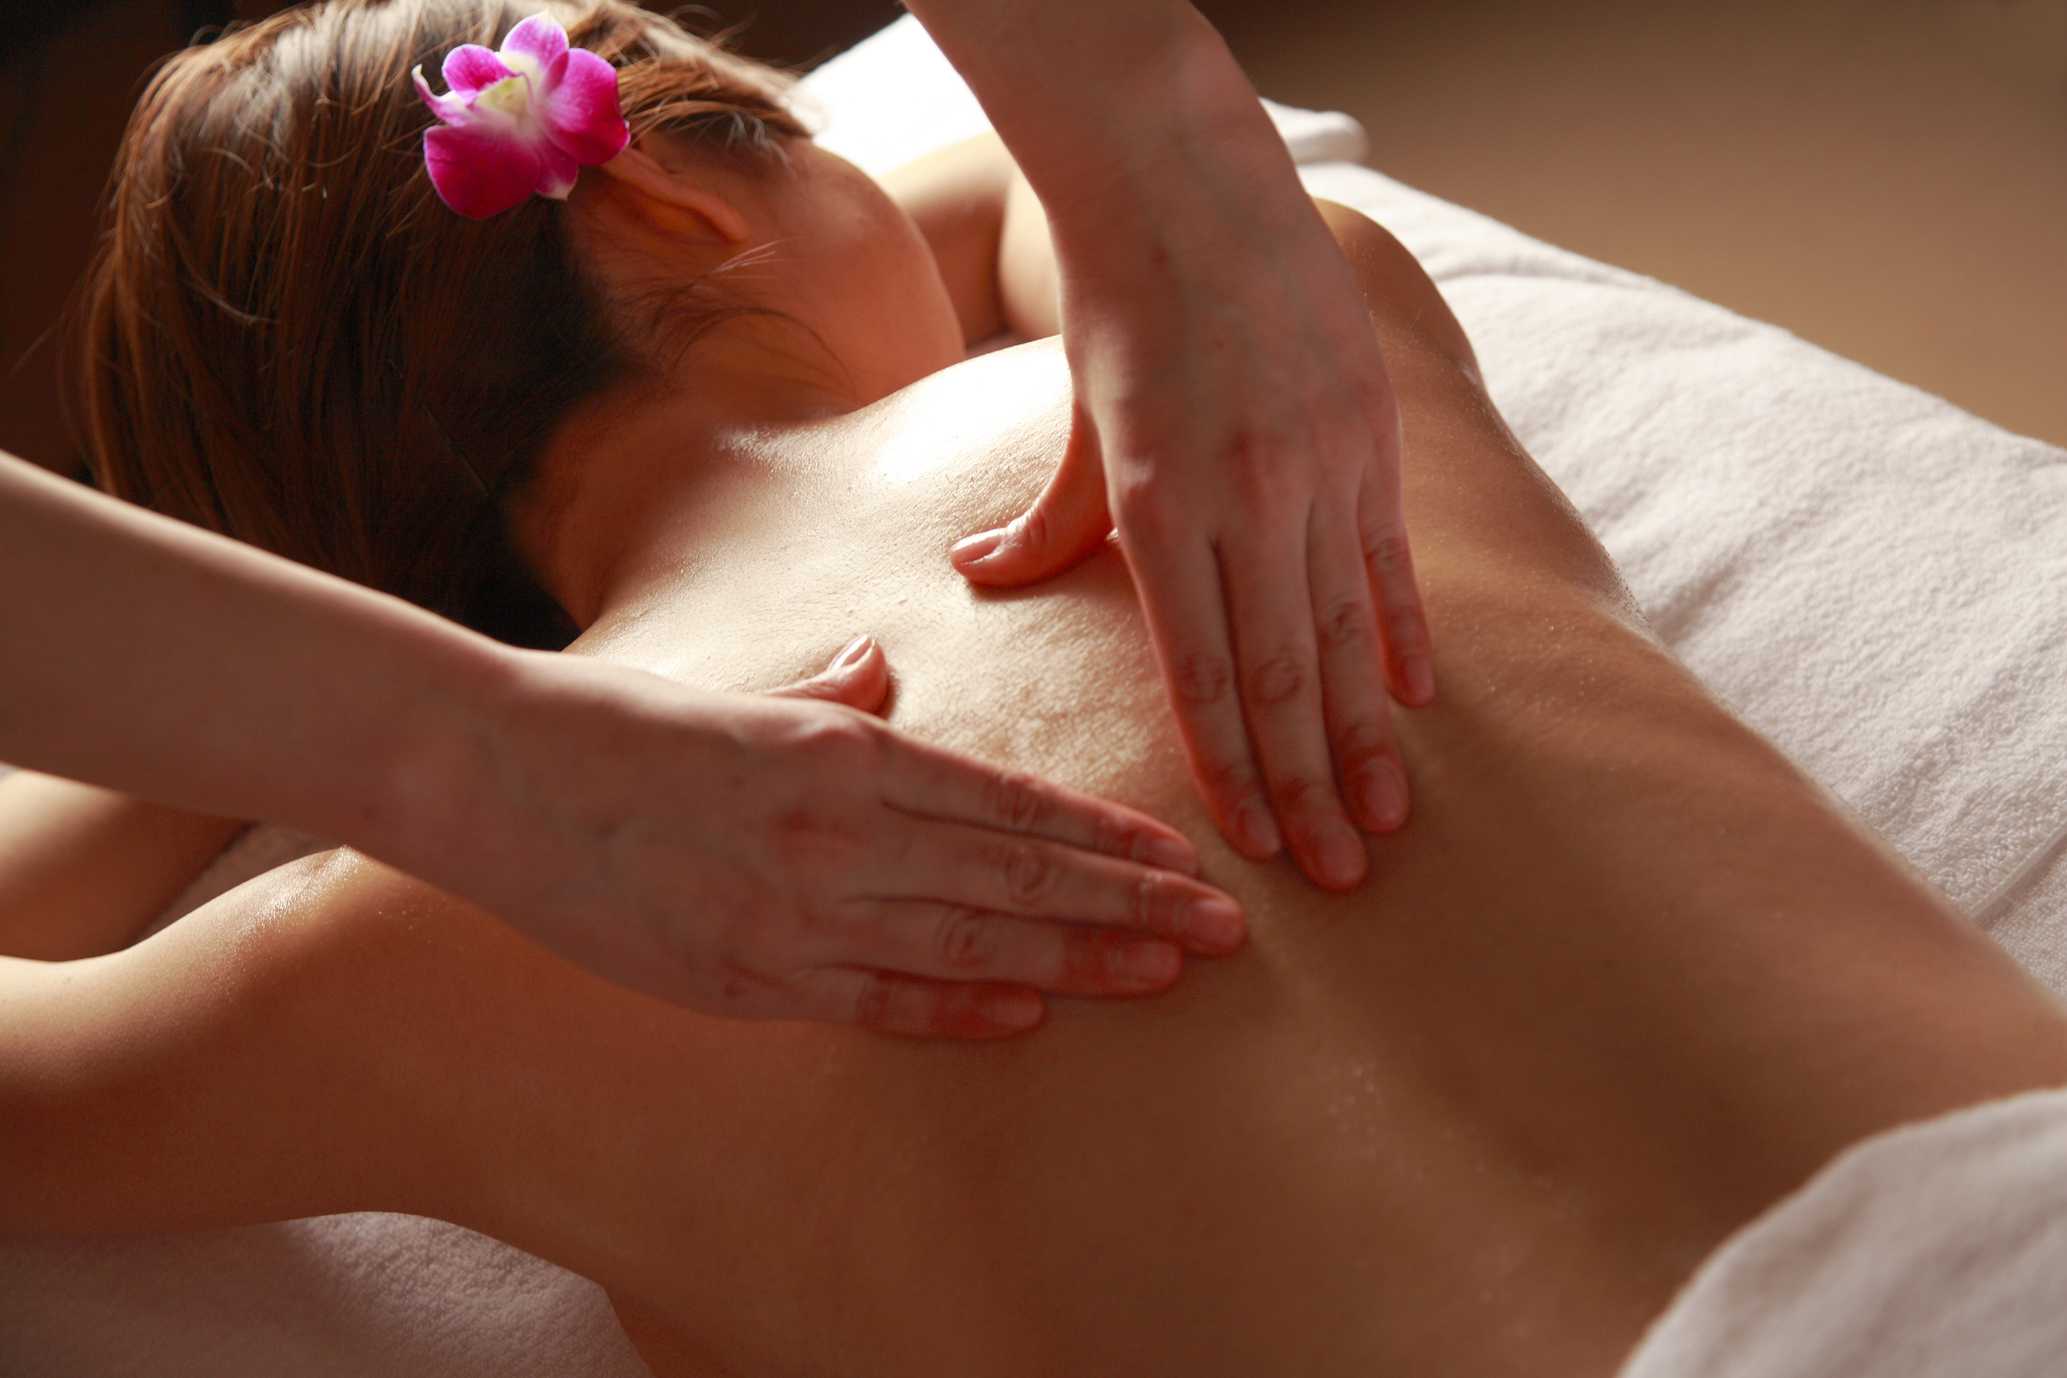 Секс русский с зрелой после массажа, массаж зрелых: смотреть русское порно видео онлайн 14 фотография